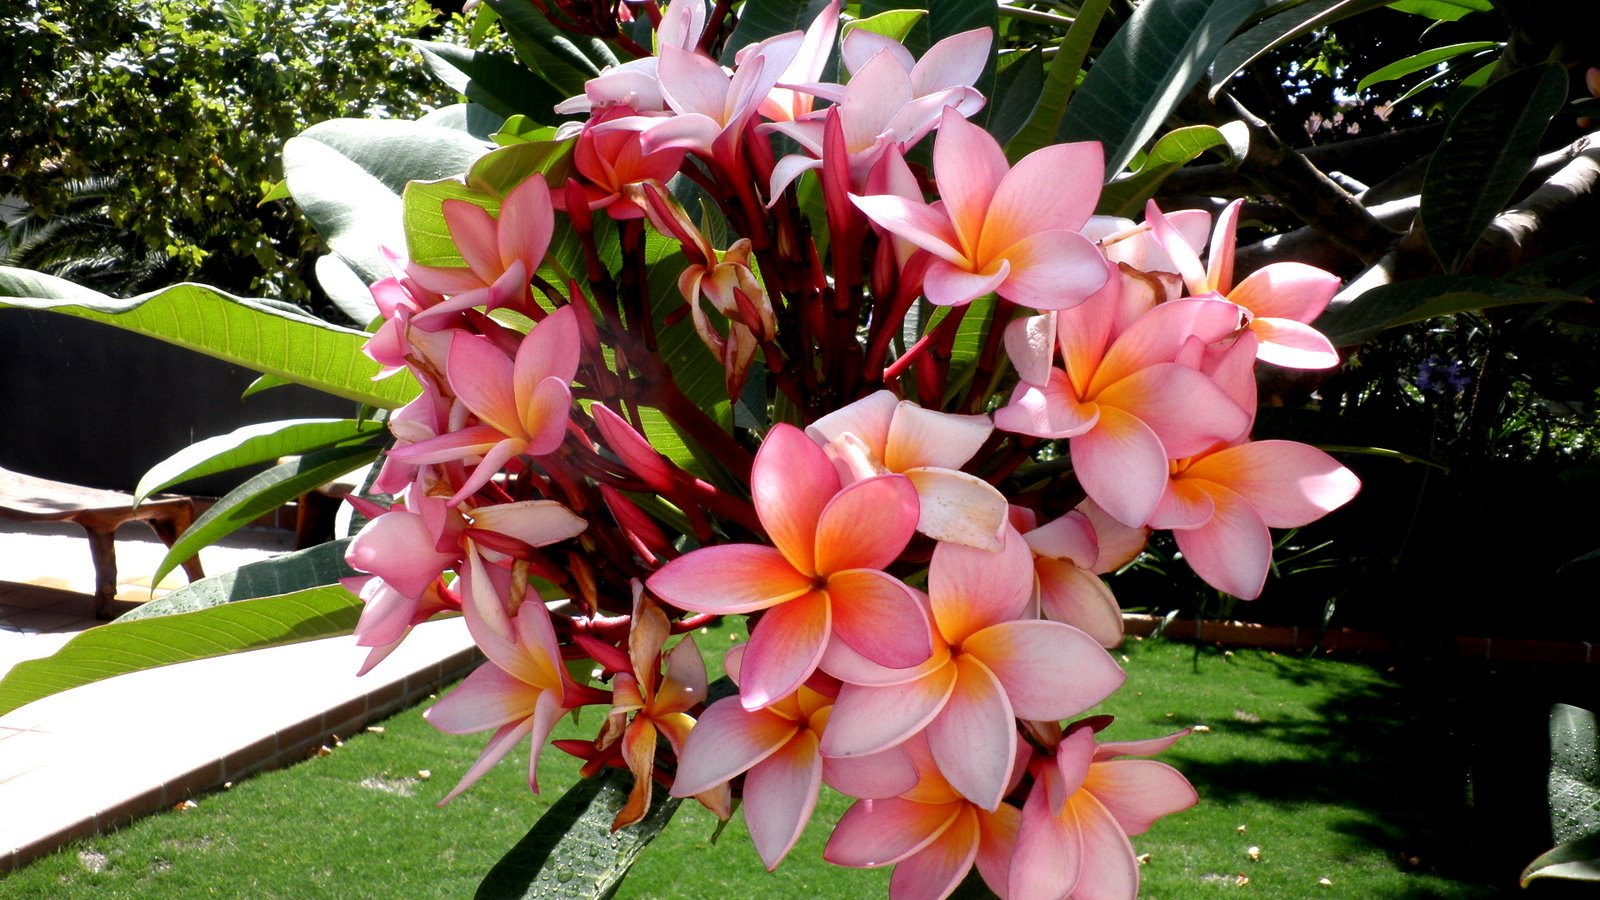 Jardinbio plantas y especies para jardines en m laga for Arboles crecimiento rapido hoja perenne